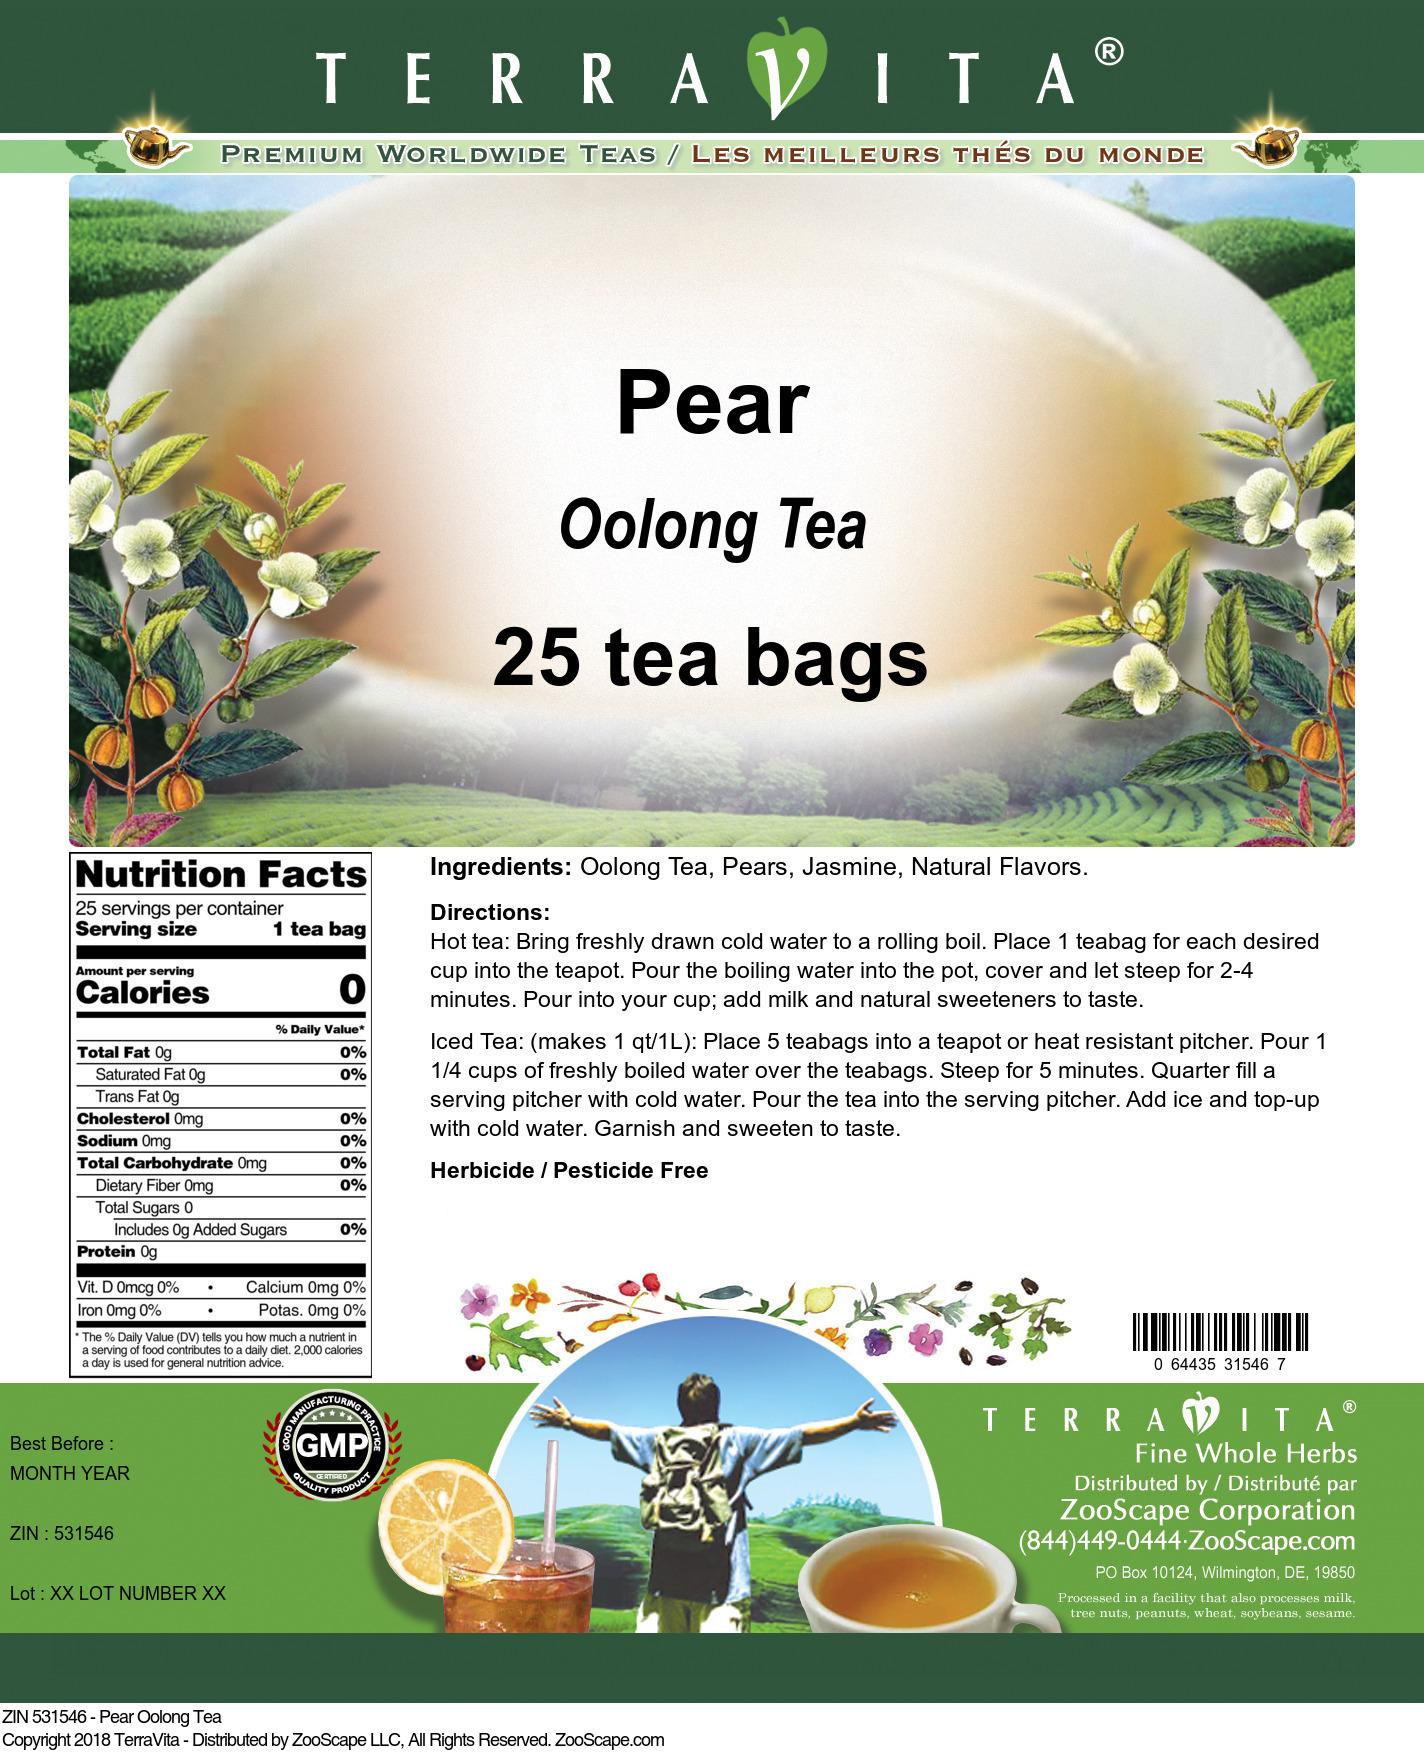 Pear Oolong Tea